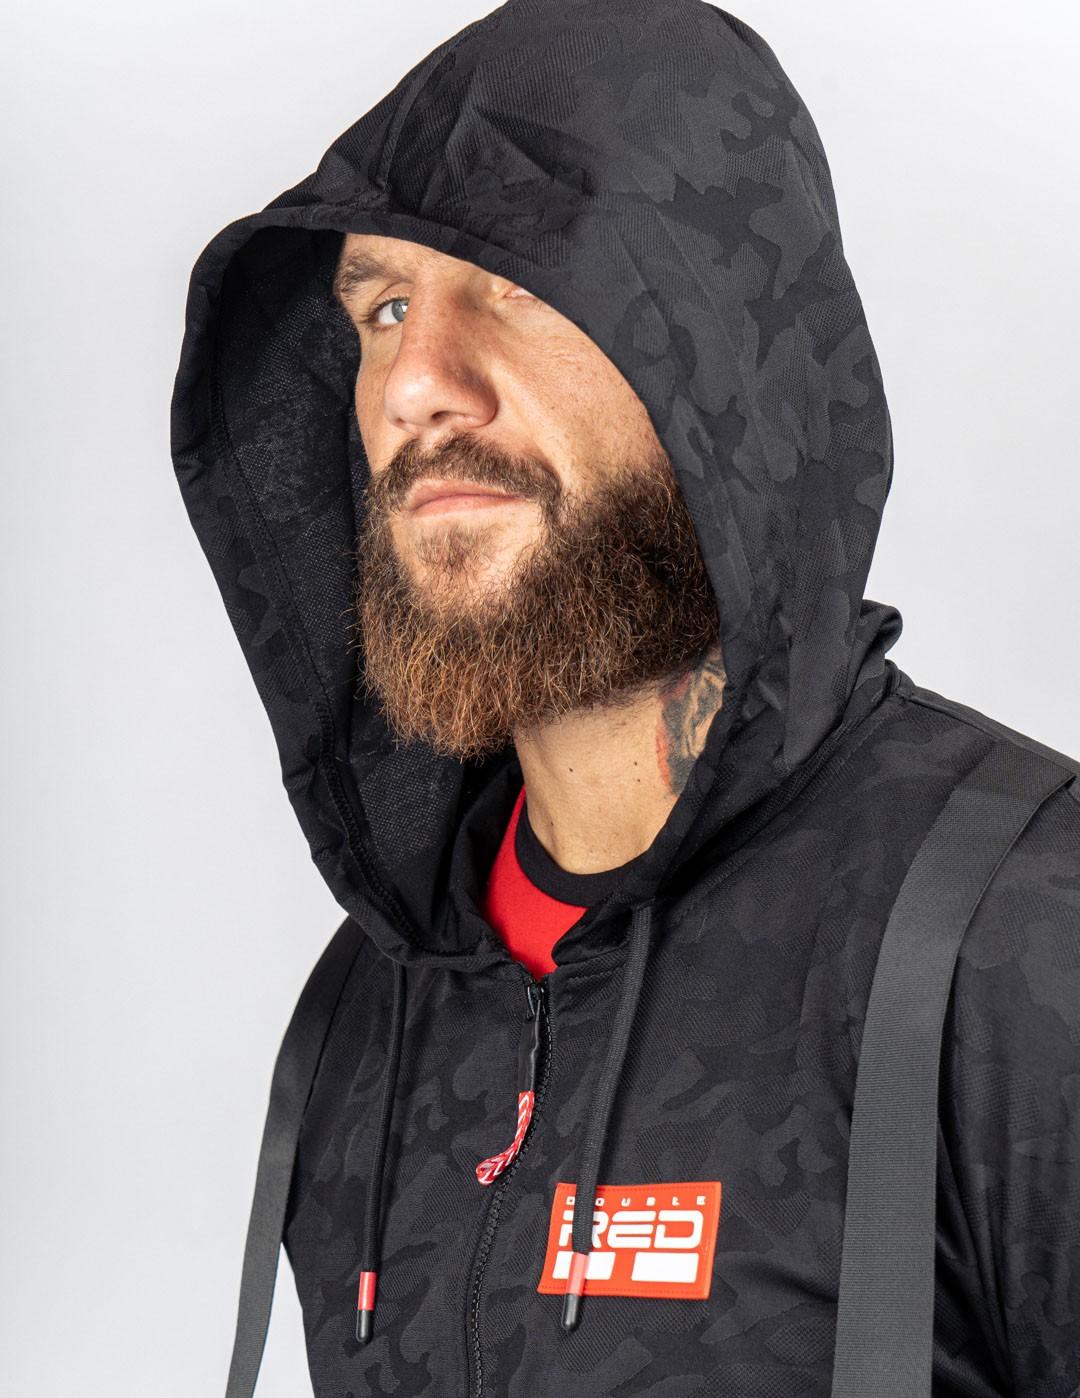 The Punisher WORLD WIDE Jacket